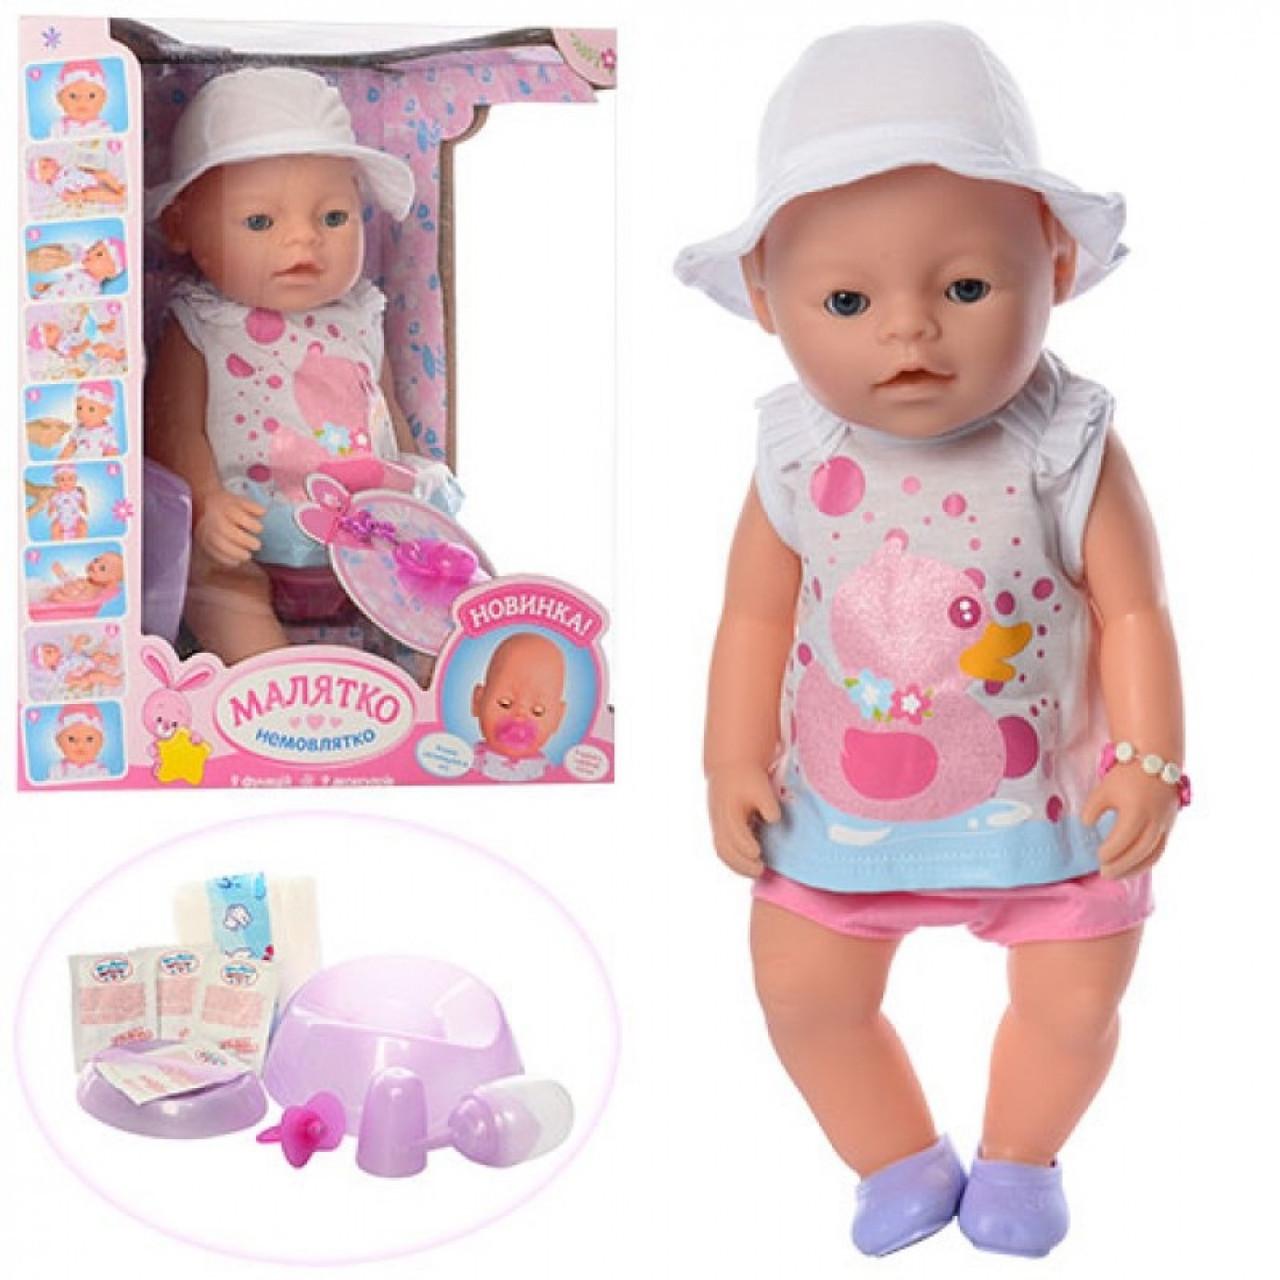 Кукла-пупс 8020-462 (10_8020-462)